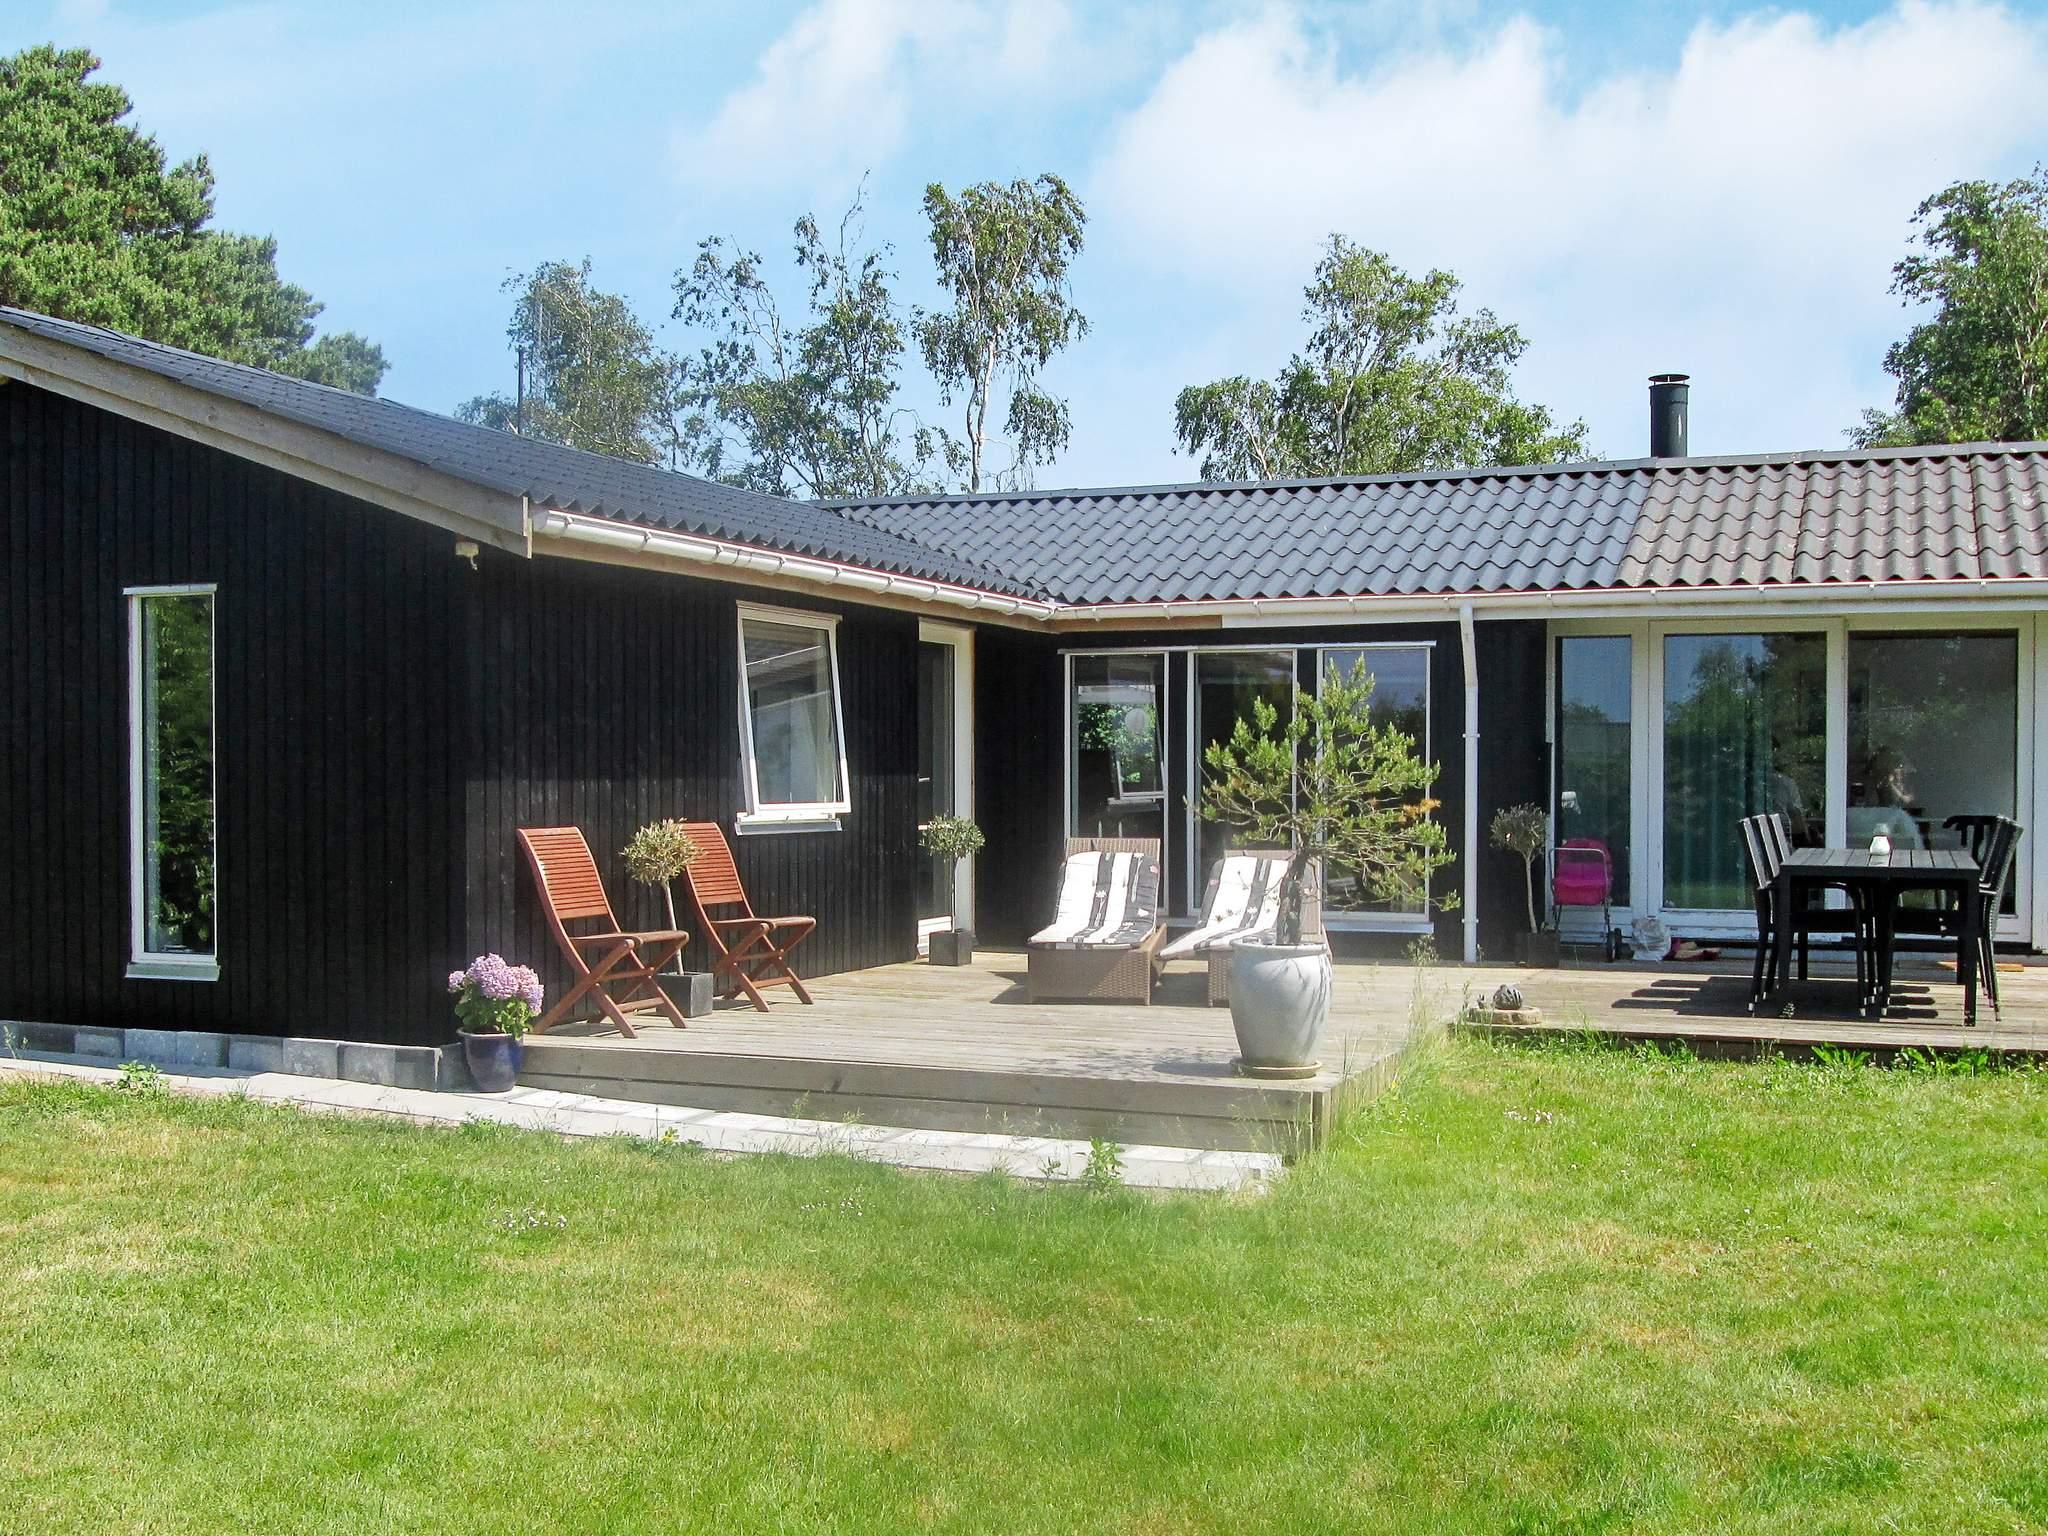 Ferienhaus Enø (1043169), Karrebæksminde, , Südseeland, Dänemark, Bild 1